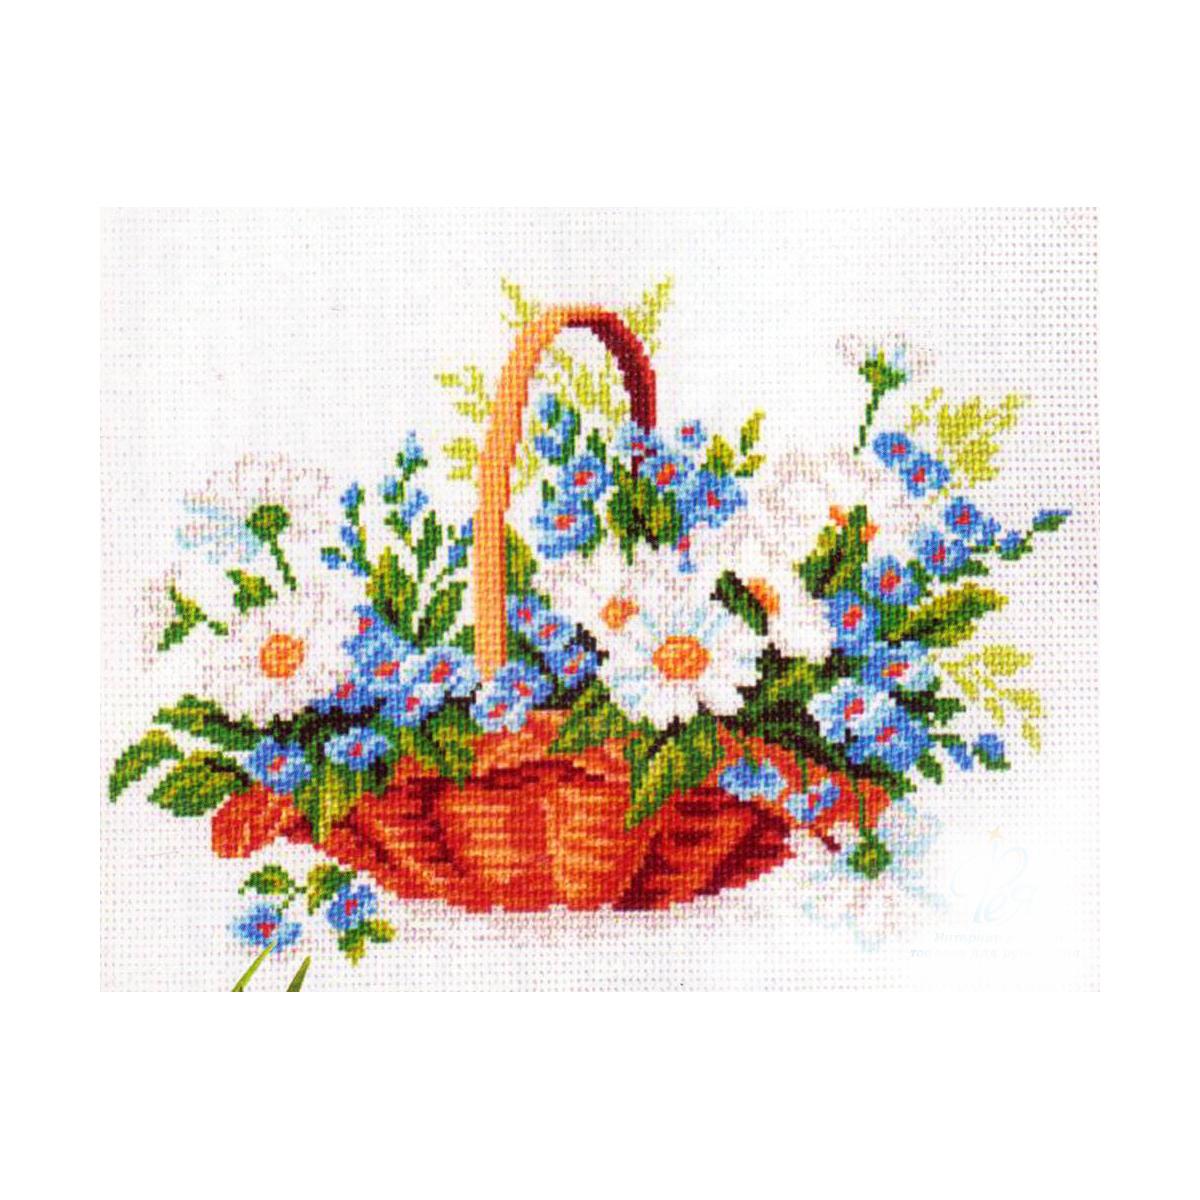 Набор для вышивания Матренин Посад. 816176122Размер: 24x30 см Рисунок полностью напечатан на канве. Указана цветовая карта ниток. Вышивать рекомендуется мулине в 3 сложения.